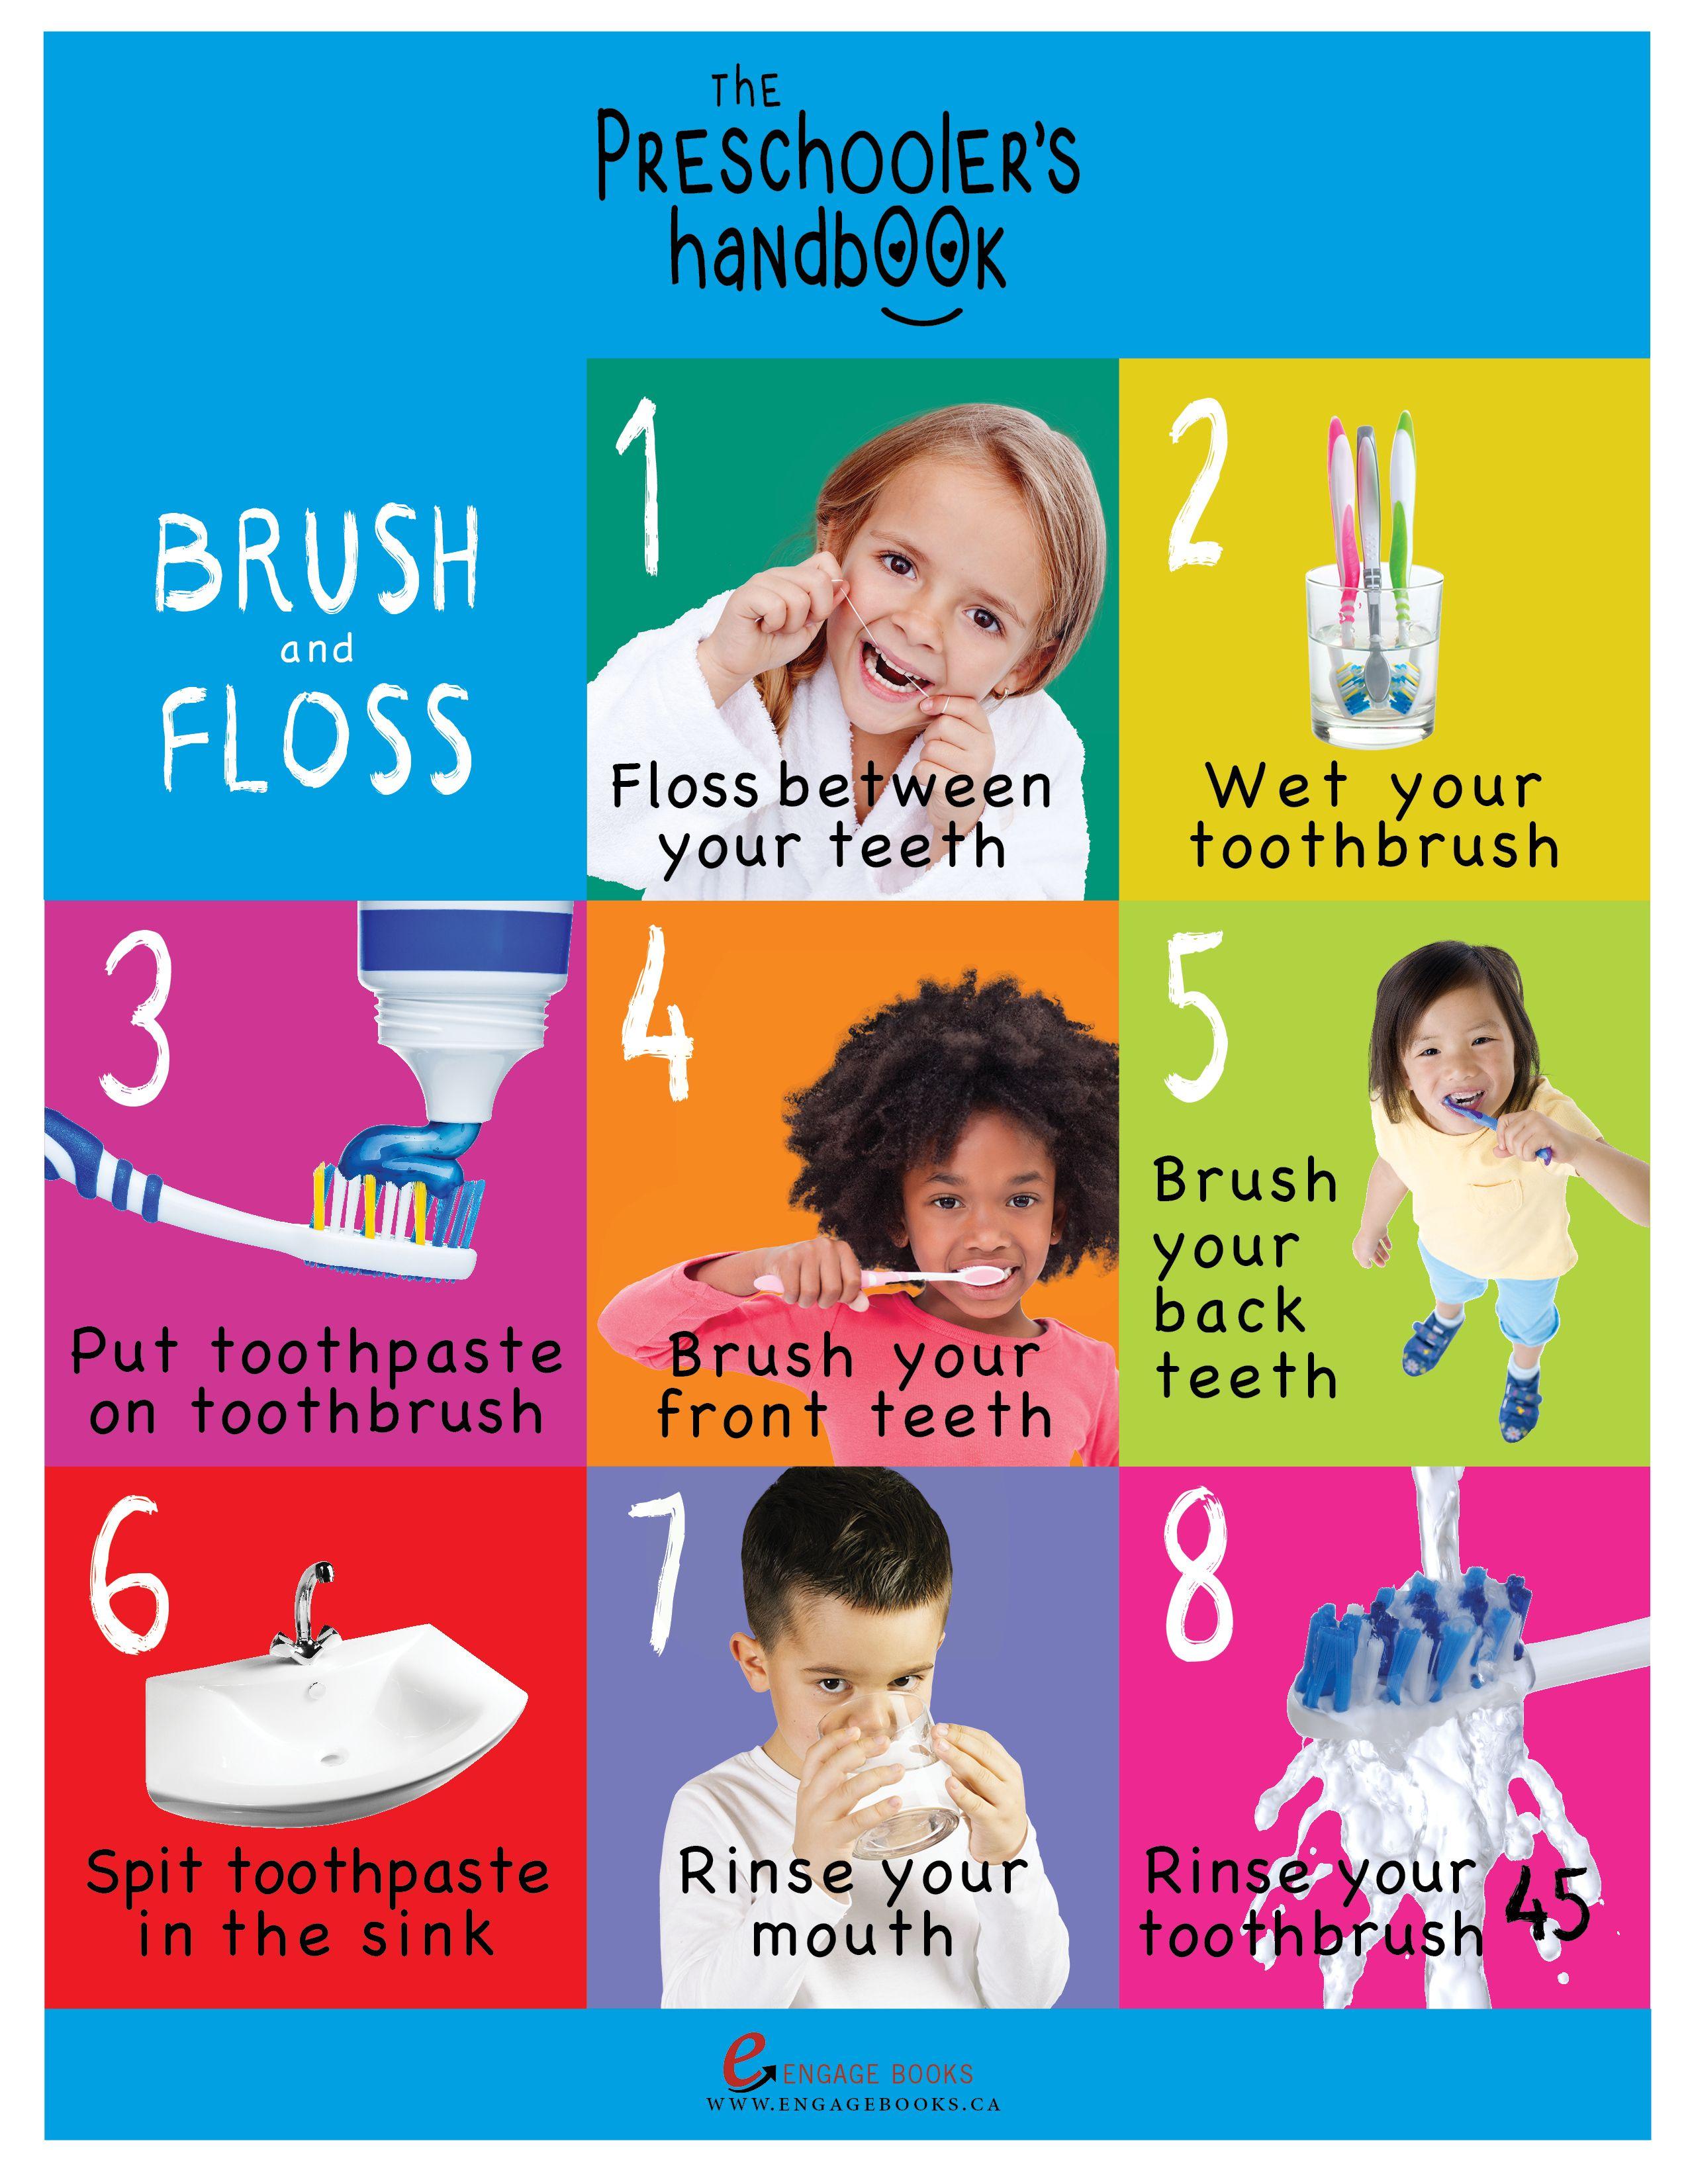 Free Printable Teeth Brushing Steps For Preschoolers From